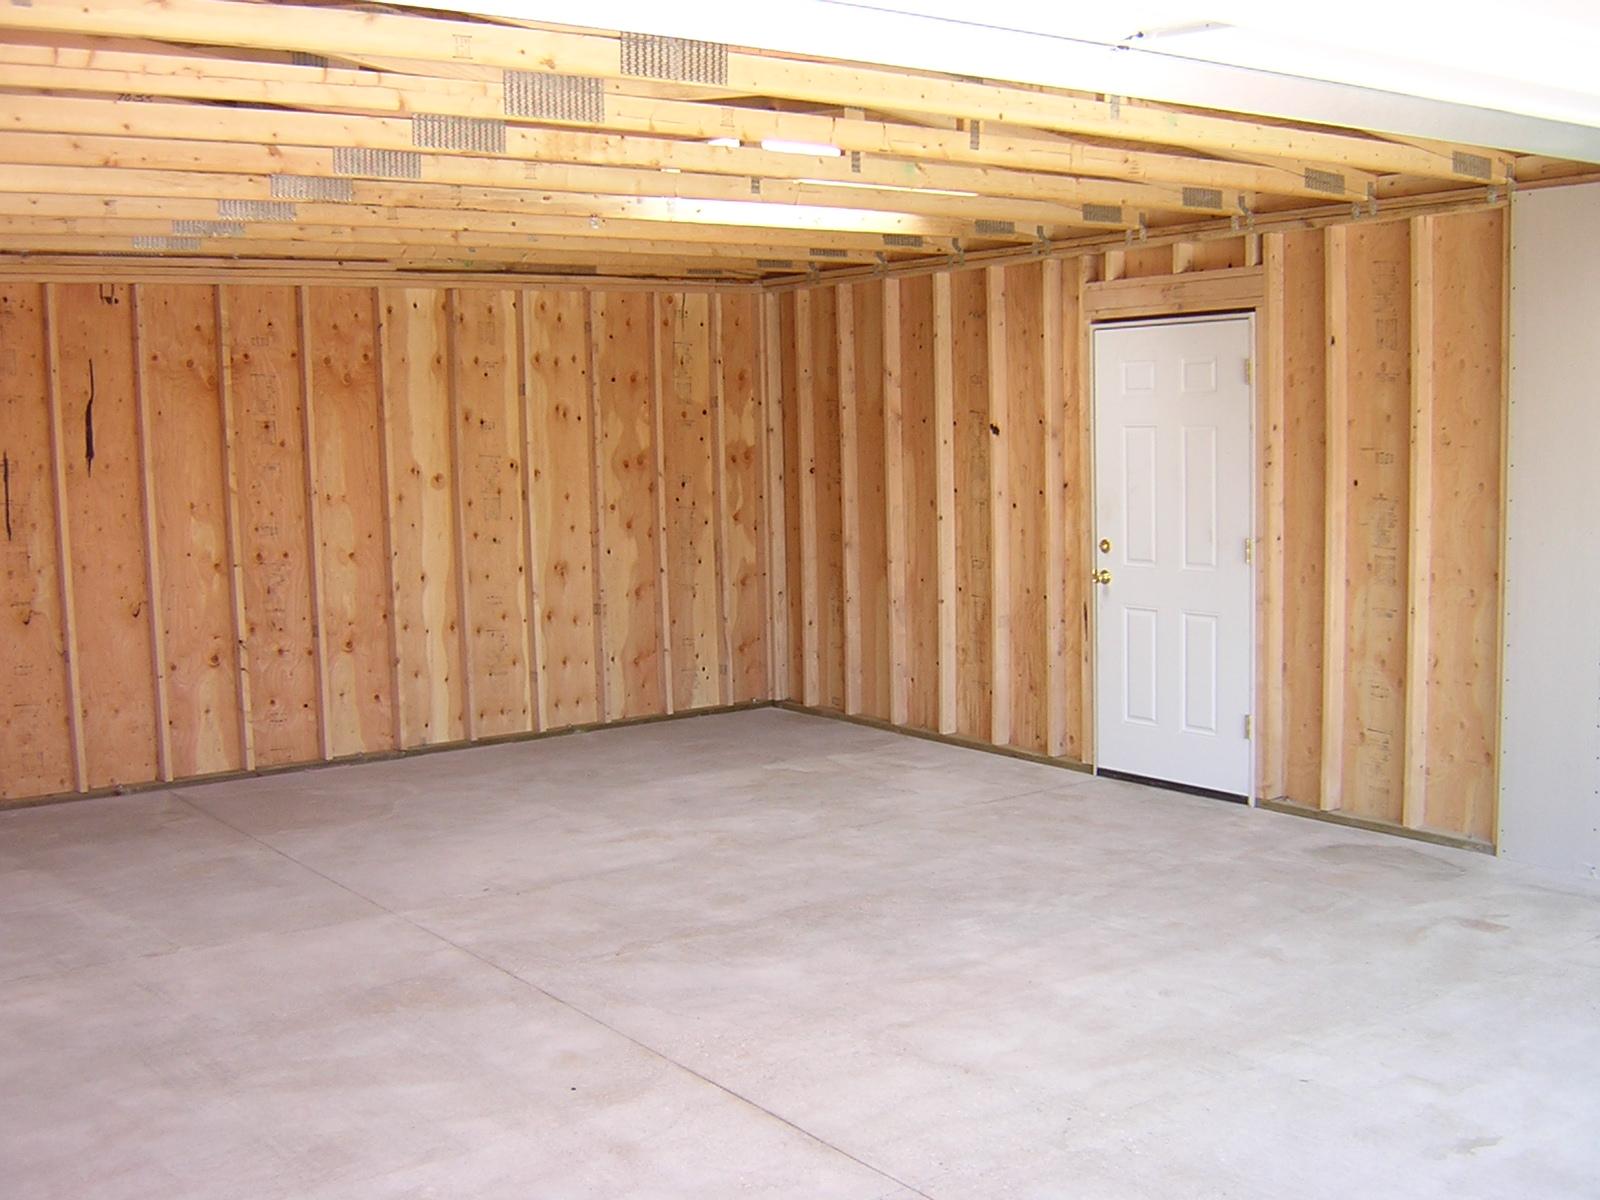 Garage photo galleries - Inside of a garage ...